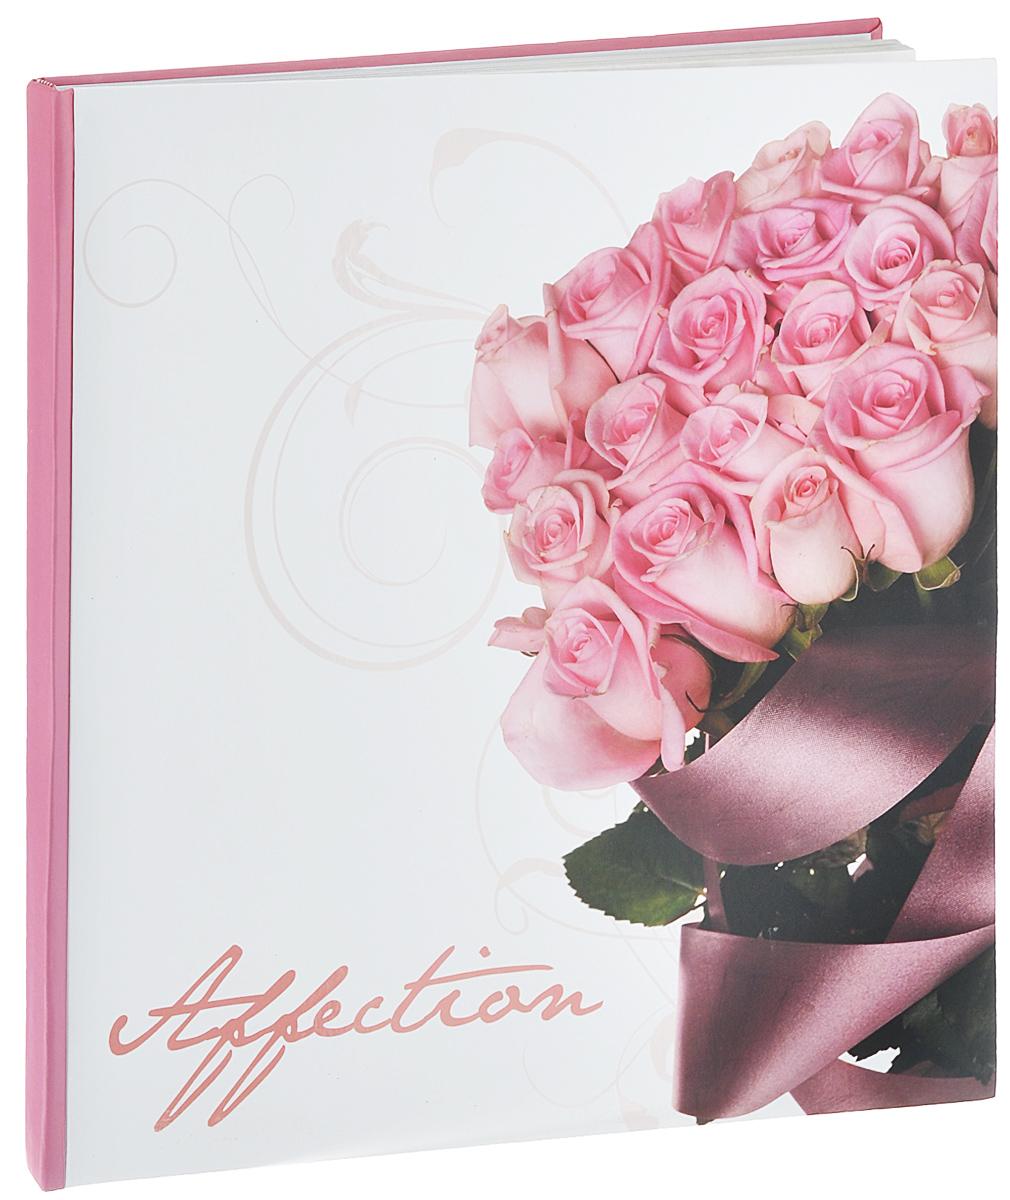 Фотоальбом Pioneer Romantic Flower, 10 магнитных листов, 29 см х 32 см74-0060Фотоальбом Pioneer Romantic Flower, изготовленный из картона с клеевым покрытием и пленки ПВХ, сохранит моменты ваших счастливых мгновений на своих страницах! Альбом с магнитными листами удобен тем, что он позволяет размещать фотографии разных размеров. Магнитные страницы обладают следующими преимуществами: - Не нужно прикладывать усилий для закрепления фотографий, - Не нужно заботиться о размерах фотографий, так как вы можете вставить в альбом фотографии разных размеров, - Защита фотографий от постоянных прикосновений зрителей с помощью пленки ПВХ.Нам всегда так приятно вспоминать о самых счастливых моментах жизни, запечатленных на фотографиях. Поэтому фотоальбом является универсальным подарком к любому празднику. Вашим родным, близким и просто знакомым будет приятно помещать фотографии в этот альбом.Количество листов: 10 шт.Размер листа: 29 см х 32 см.